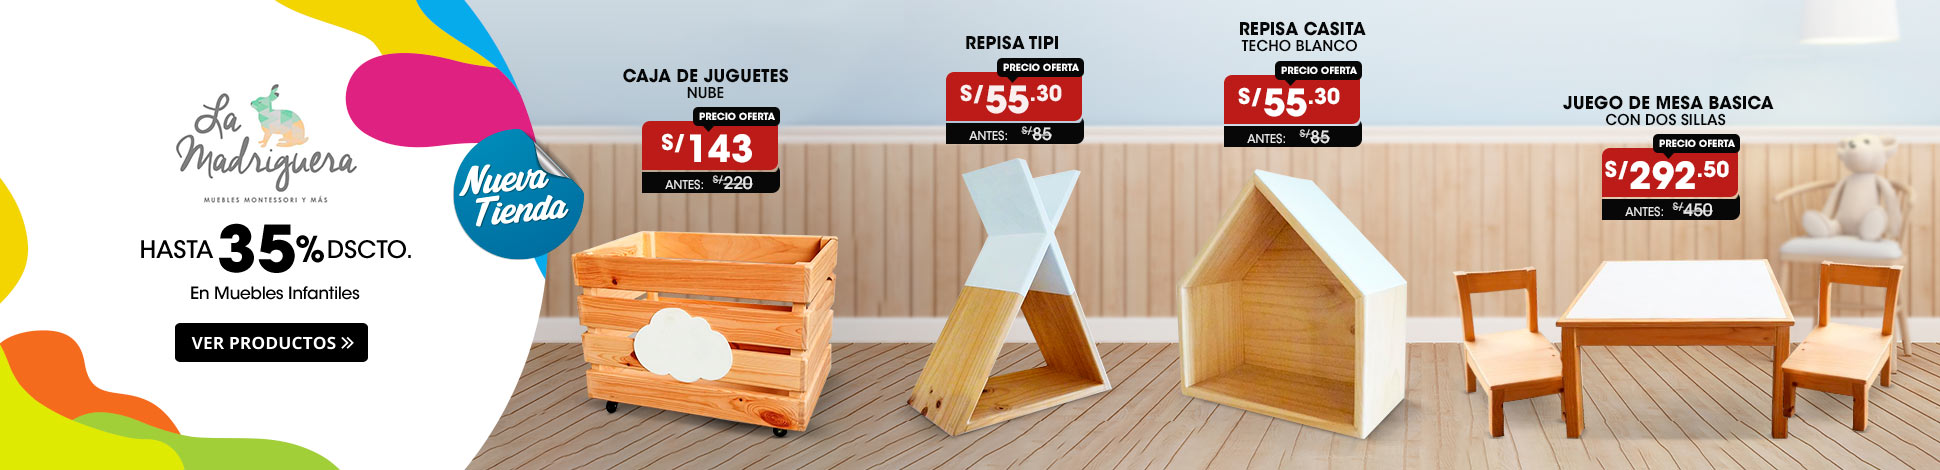 hs-deals (4).jpg | Juntoz.com